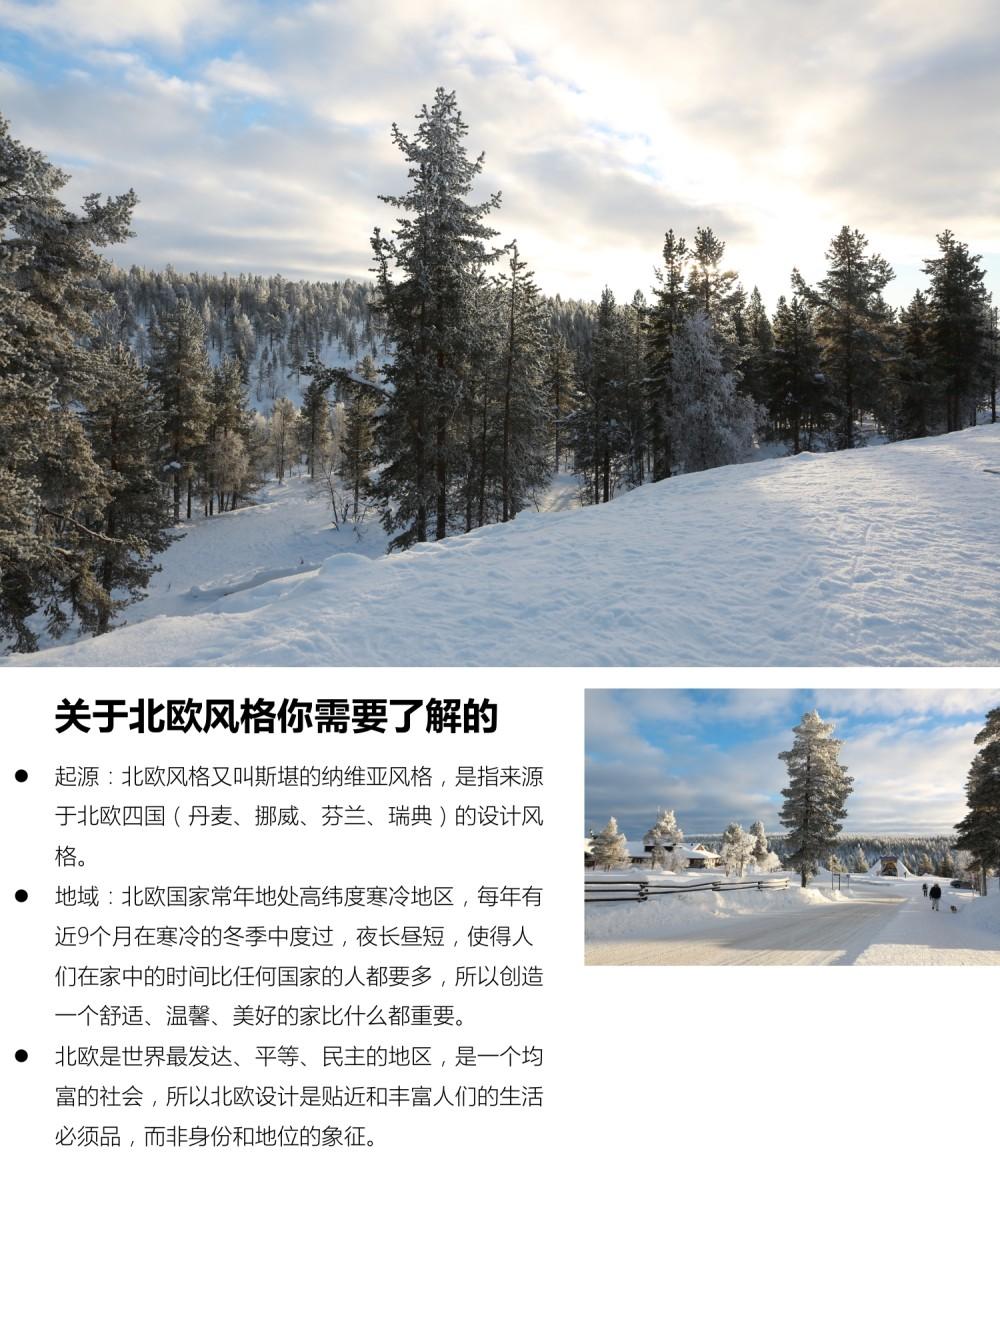 【指导手册】现代北欧风格DIY手册PDF+JPG 93P丨170M丨_02.jpg